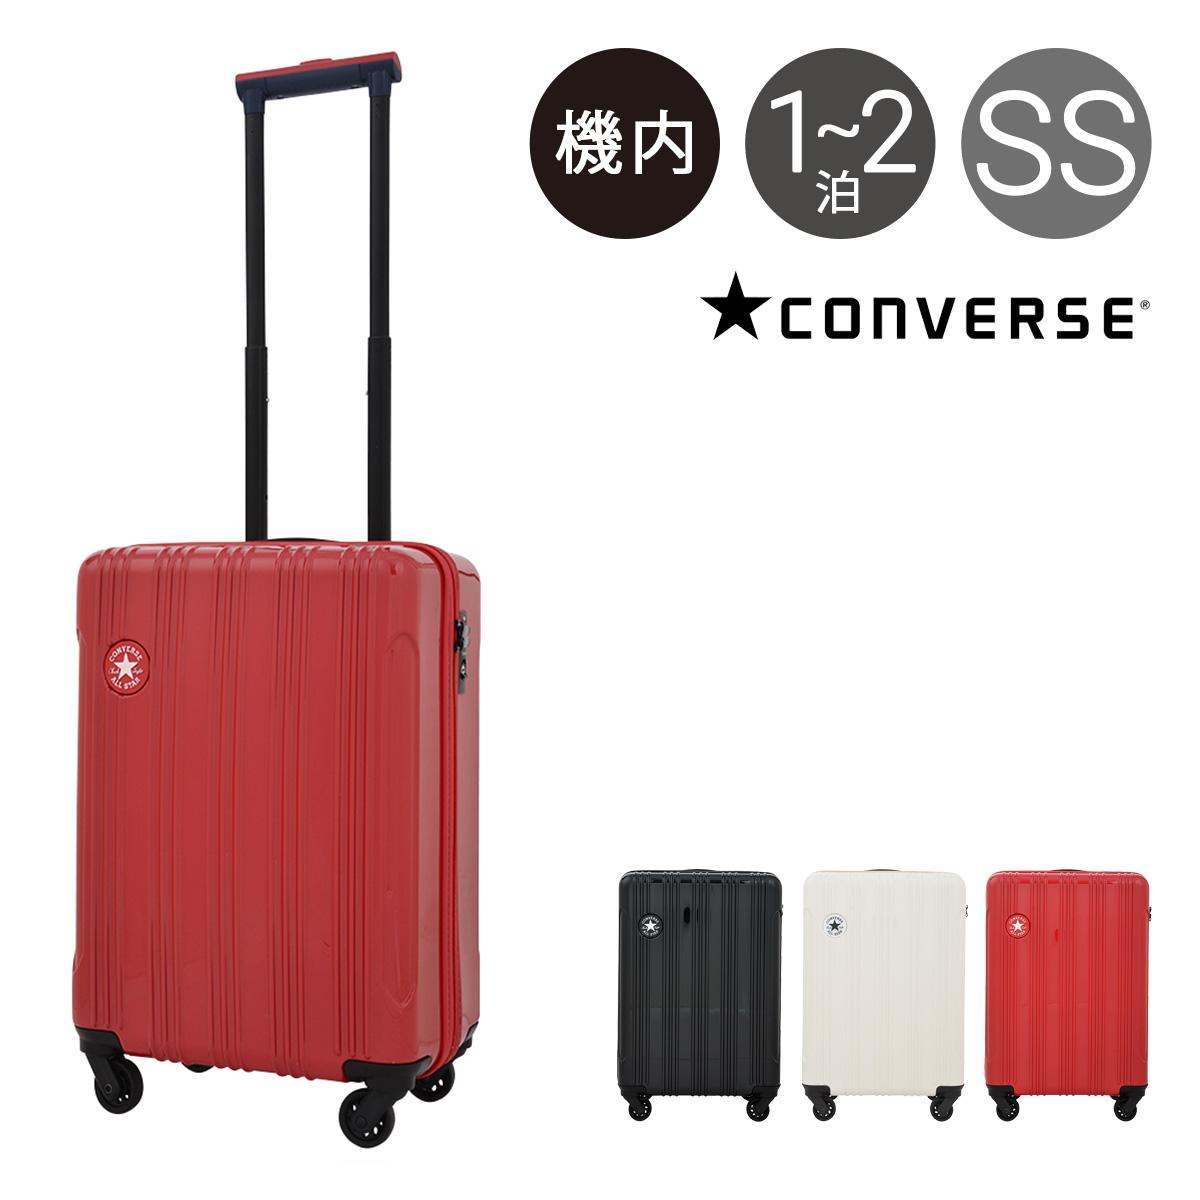 コンバース スーツケース|機内持ち込み 34L 48cm 2.8kg 16-00|軽量 LCC対応 ハード ファスナー TSAロック搭載 キャリーケース [PO10][bef][即日発送]